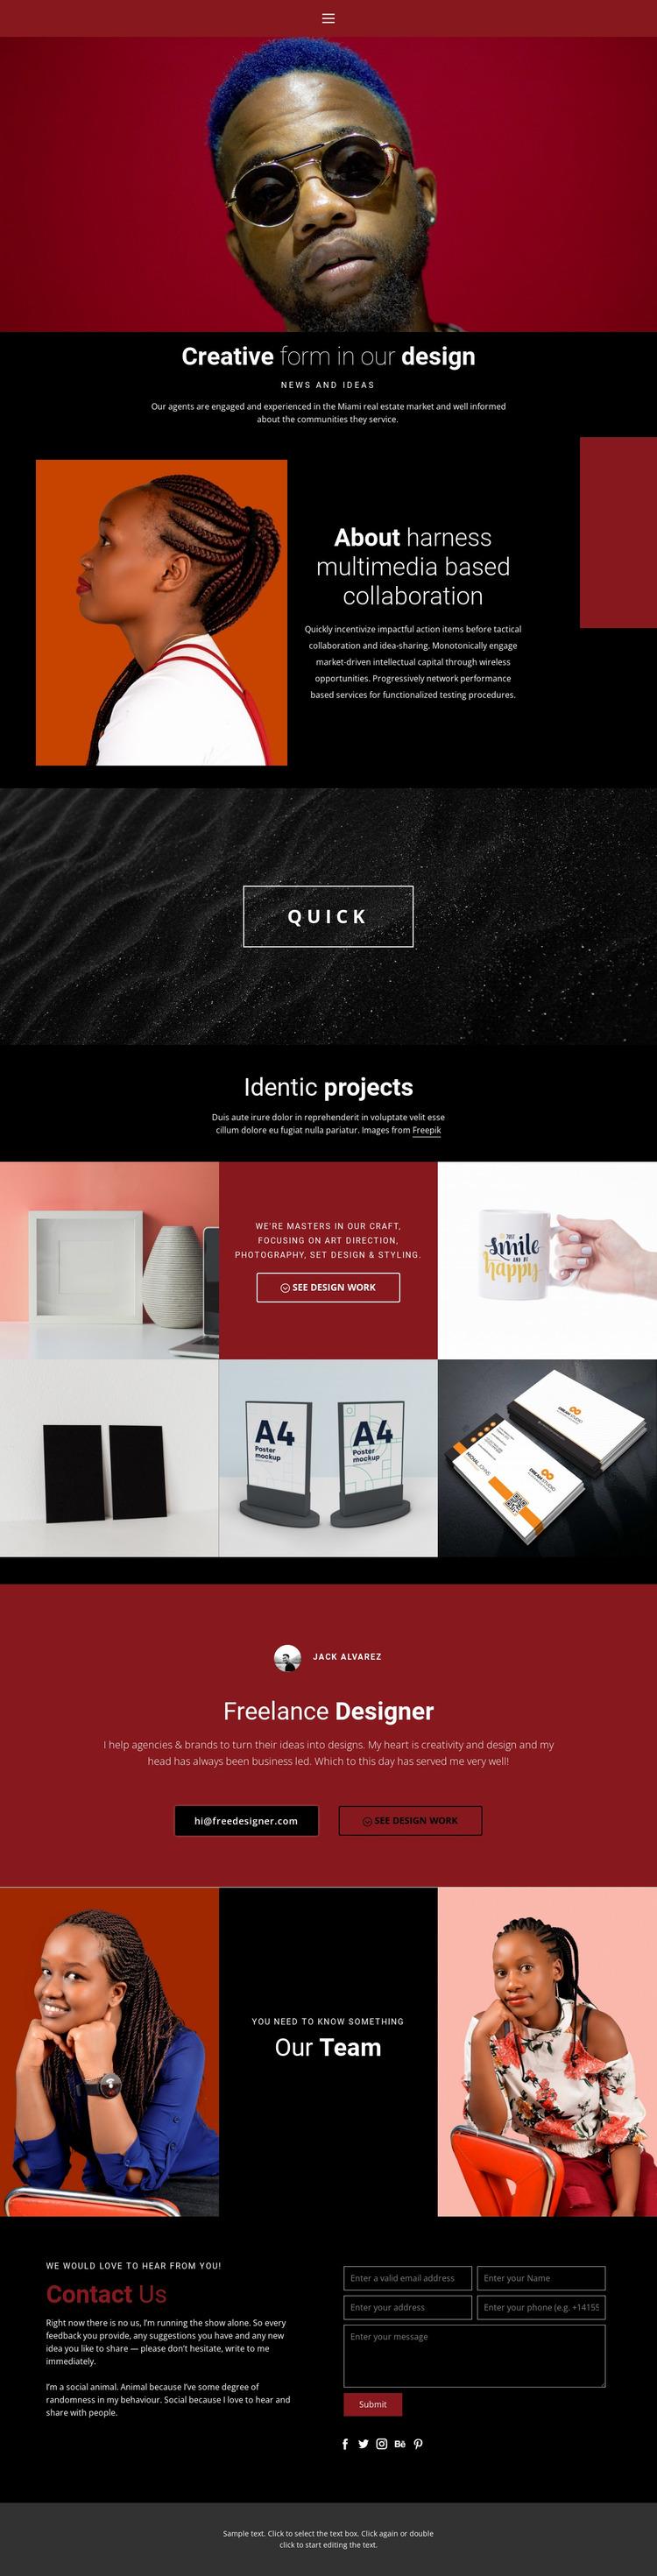 Creative form in design Website Mockup